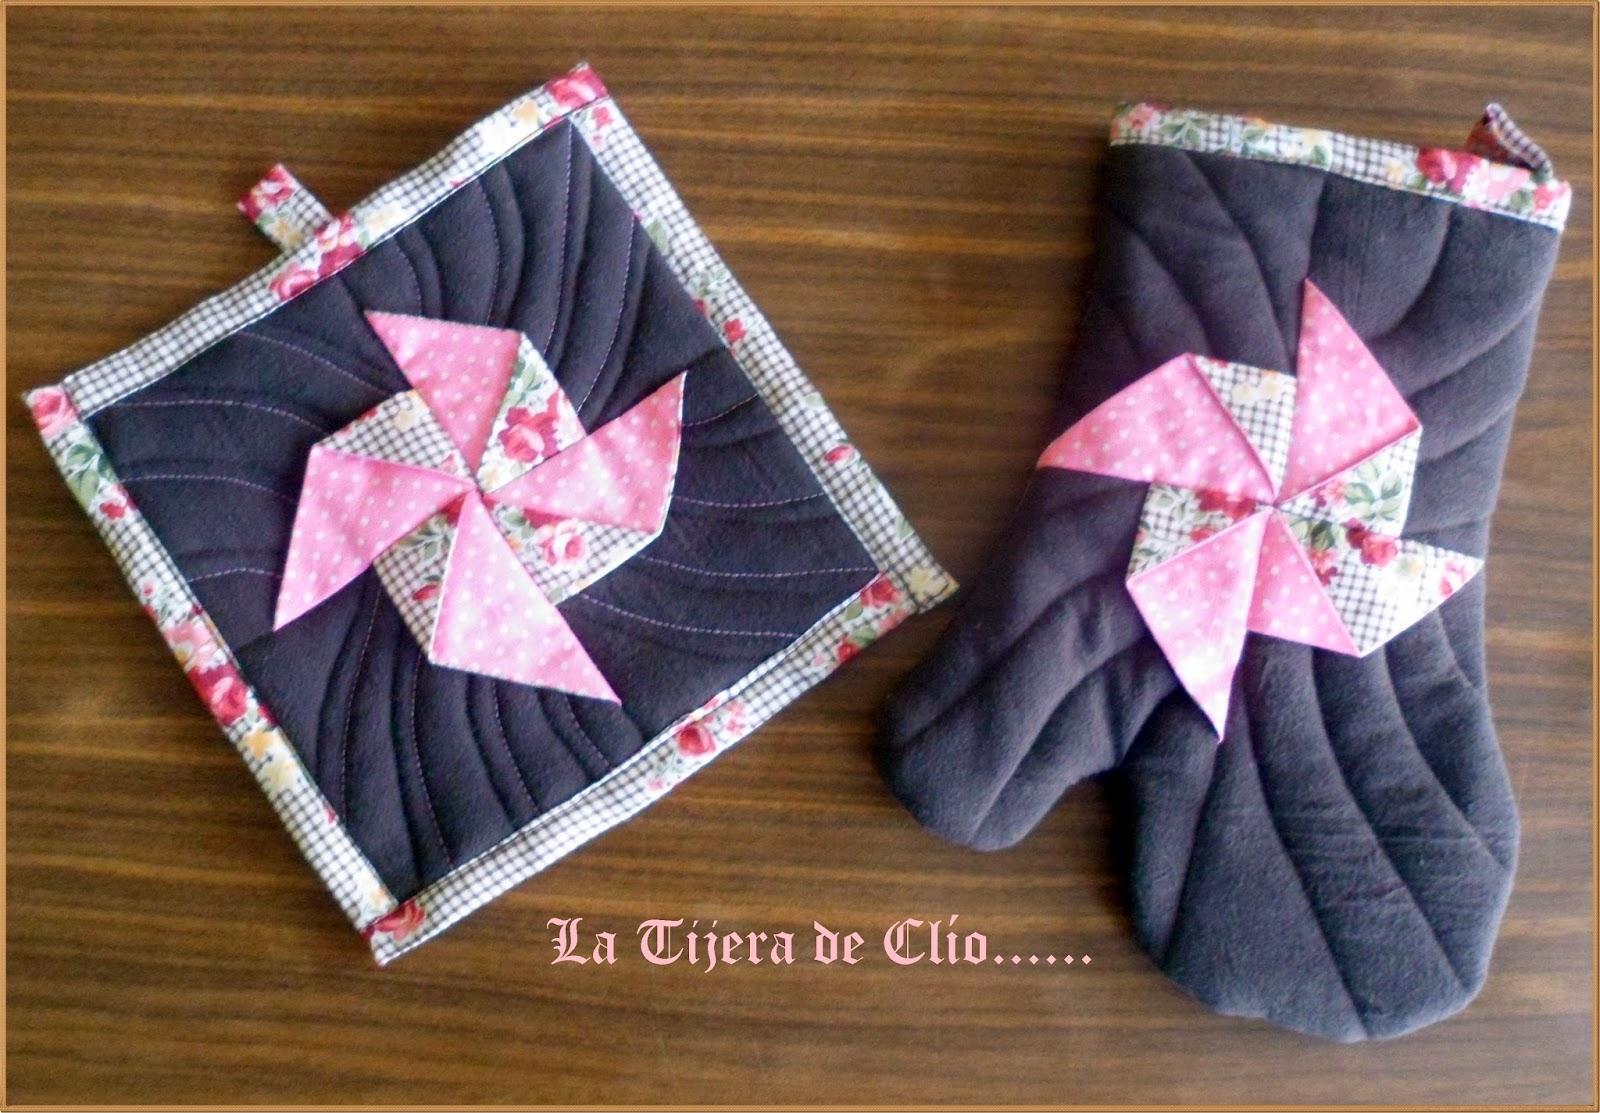 La Tijera de Clío.: ♥ ♥ ♥ Cupcakes y Mariposas Para Refrigerador ...